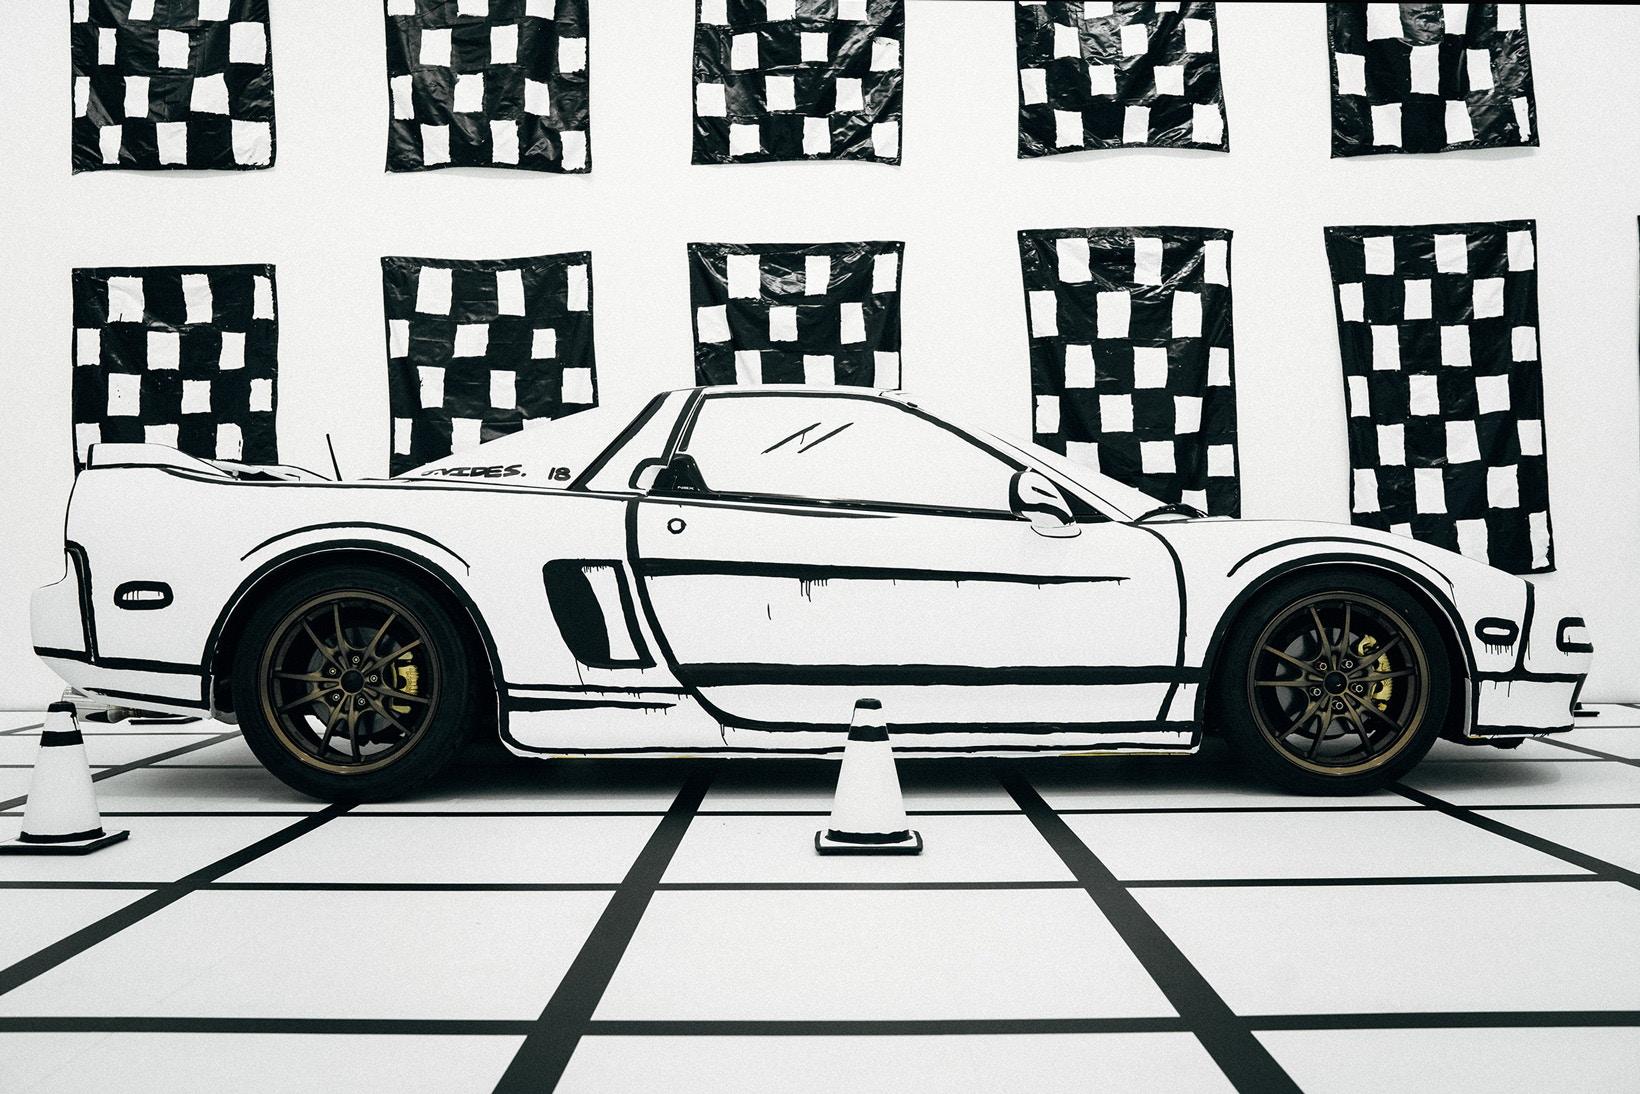 Vue de profil de l'Acura NSX de Joshua Vides